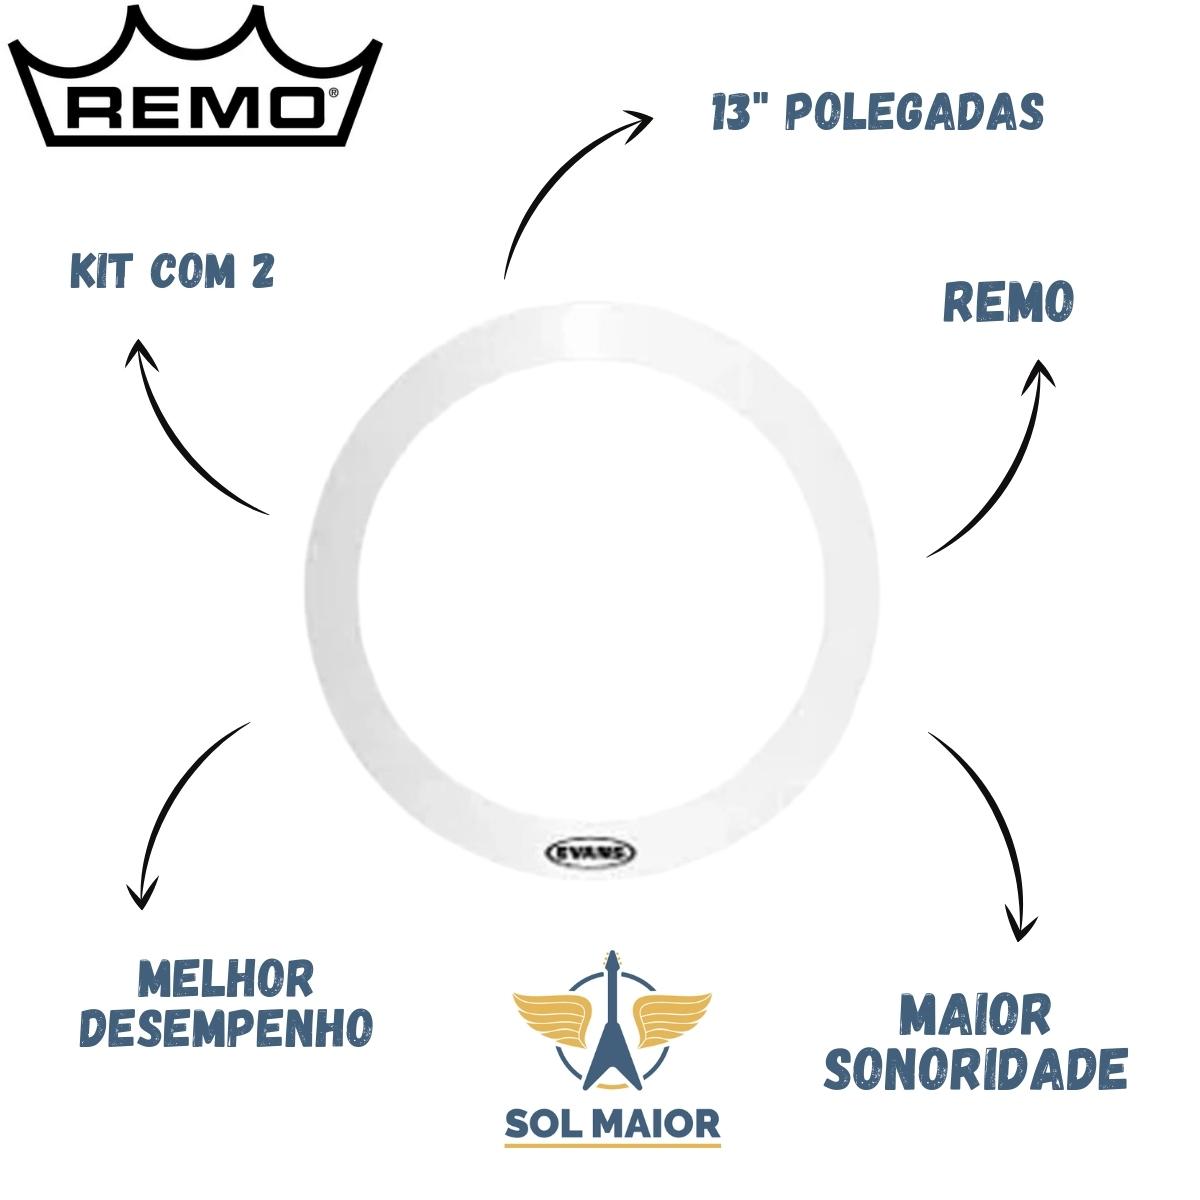 Kit com 2 Aneis Abafador 13 Polegadas Ro-0013-00 - Remo